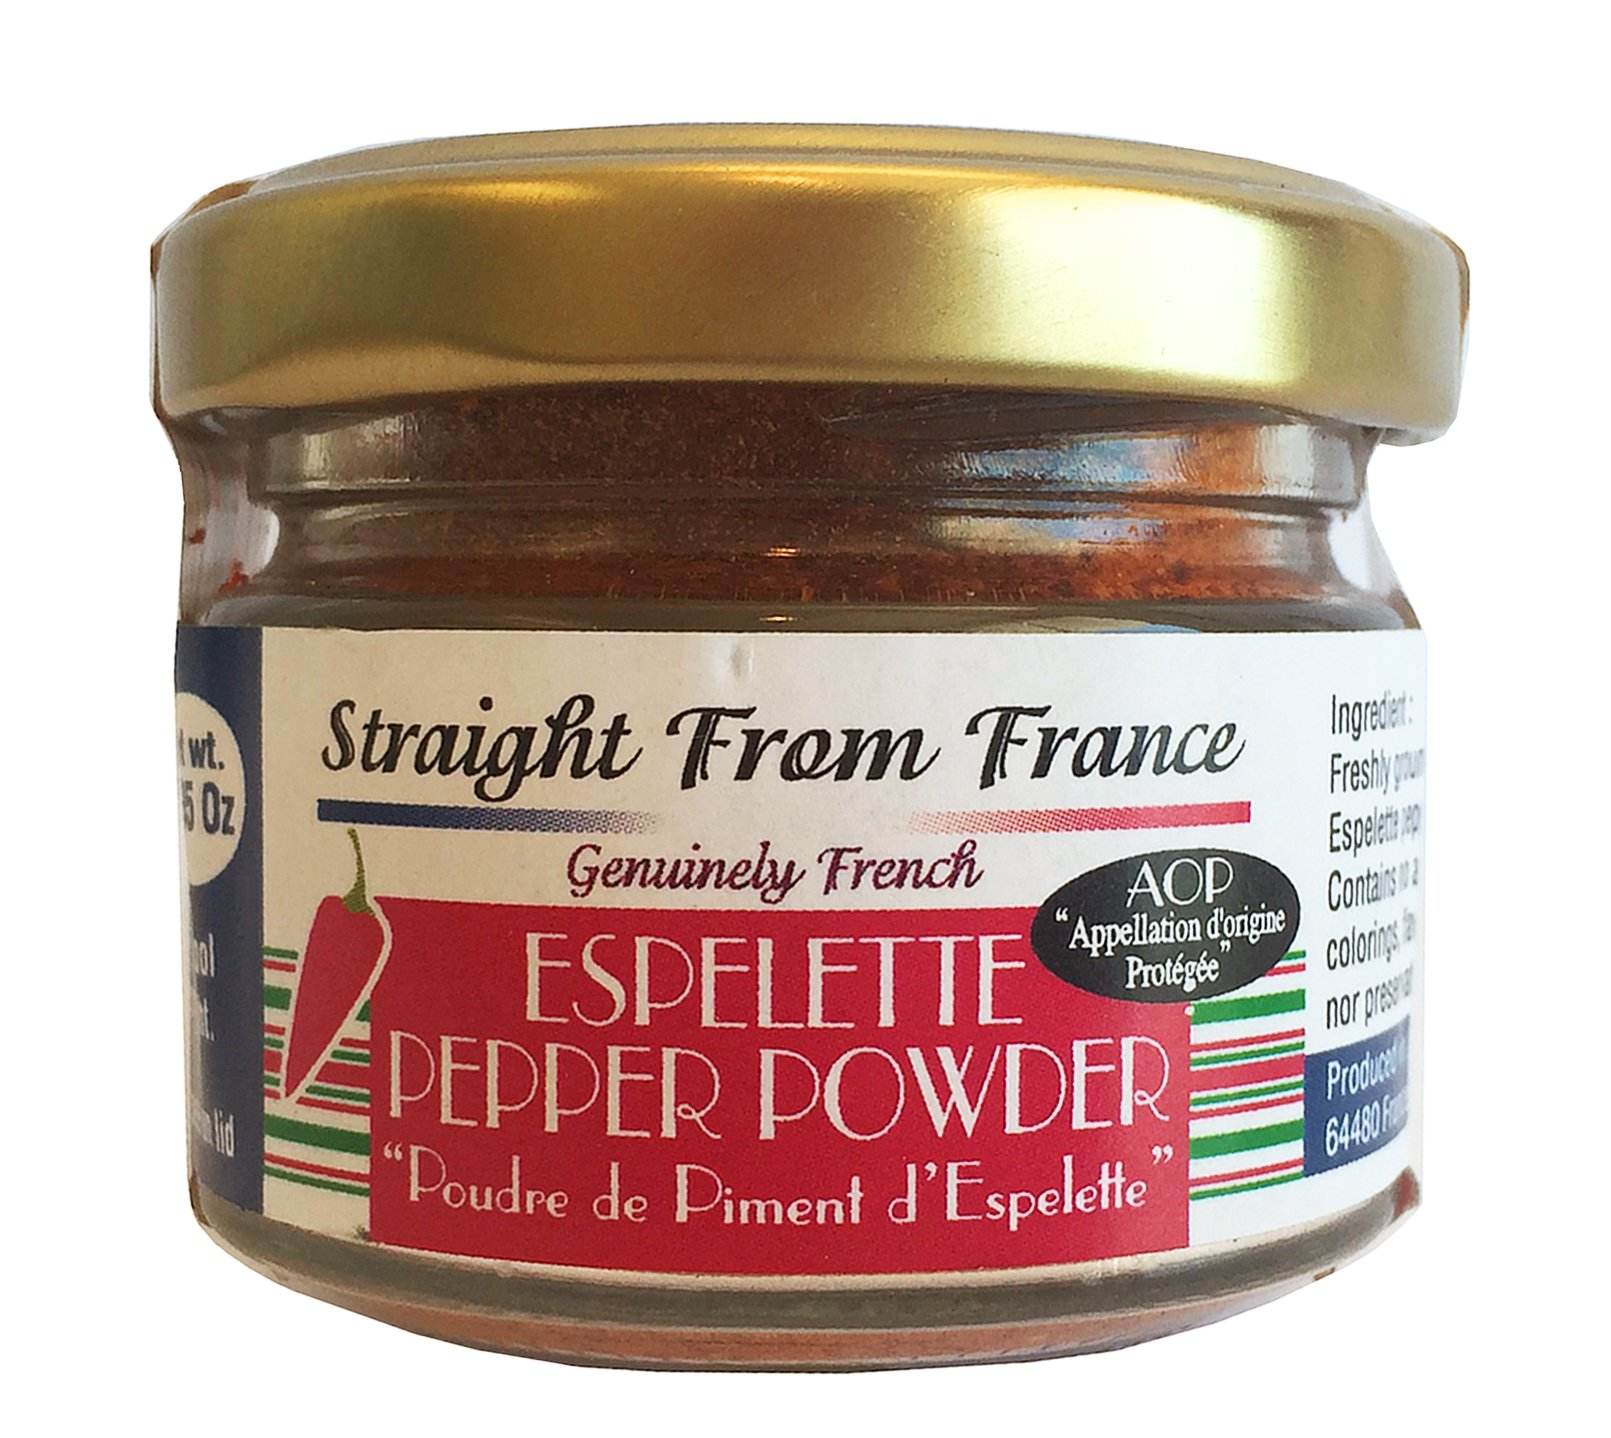 Straight From France - Espelette Pepper powder from France 1.06oz 30g